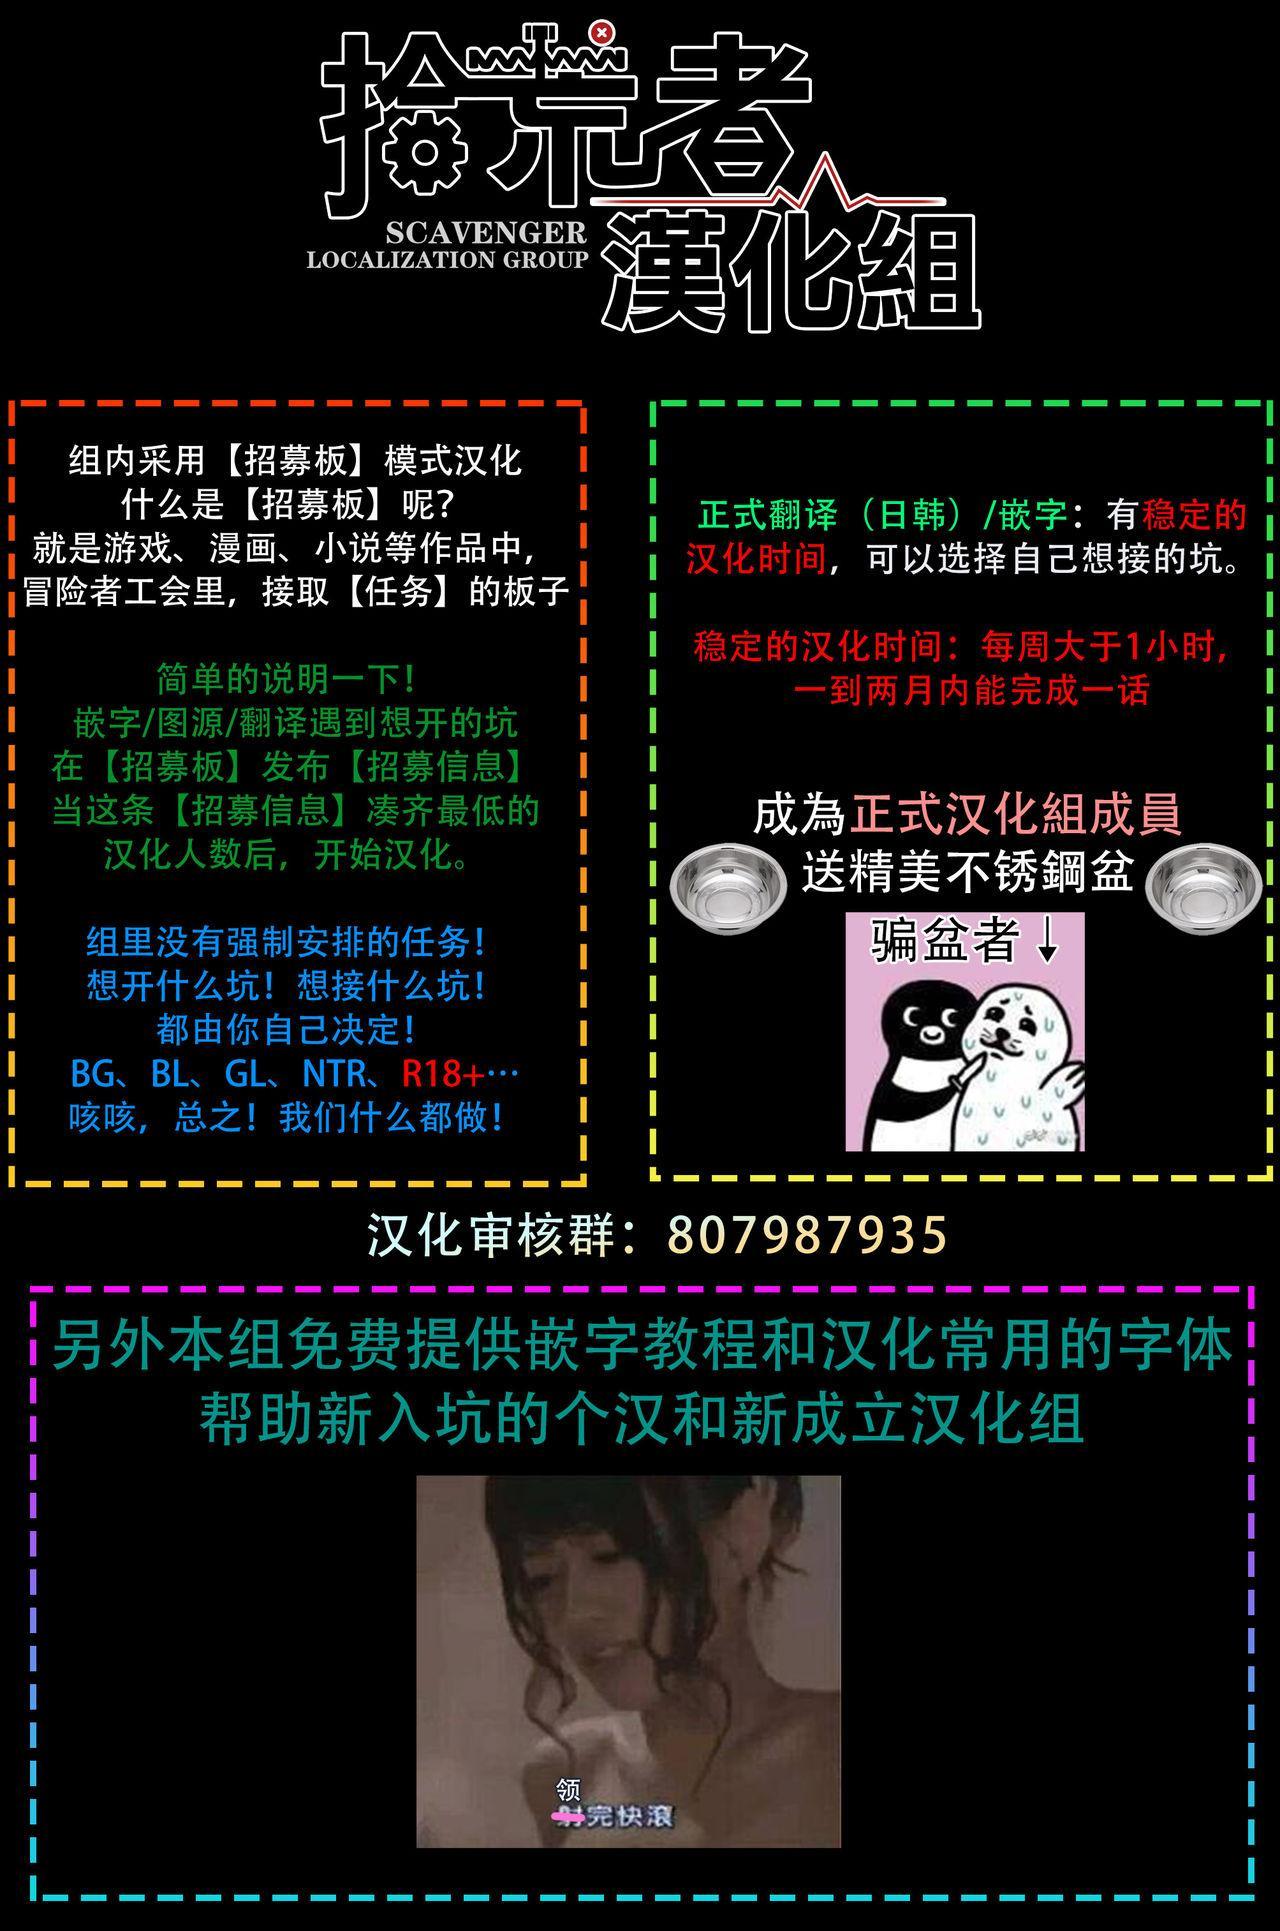 将妳的一切全部拥入怀中~交往0日、立刻结婚!?~  01-24 Chinese [拾荒者汉化组] 626